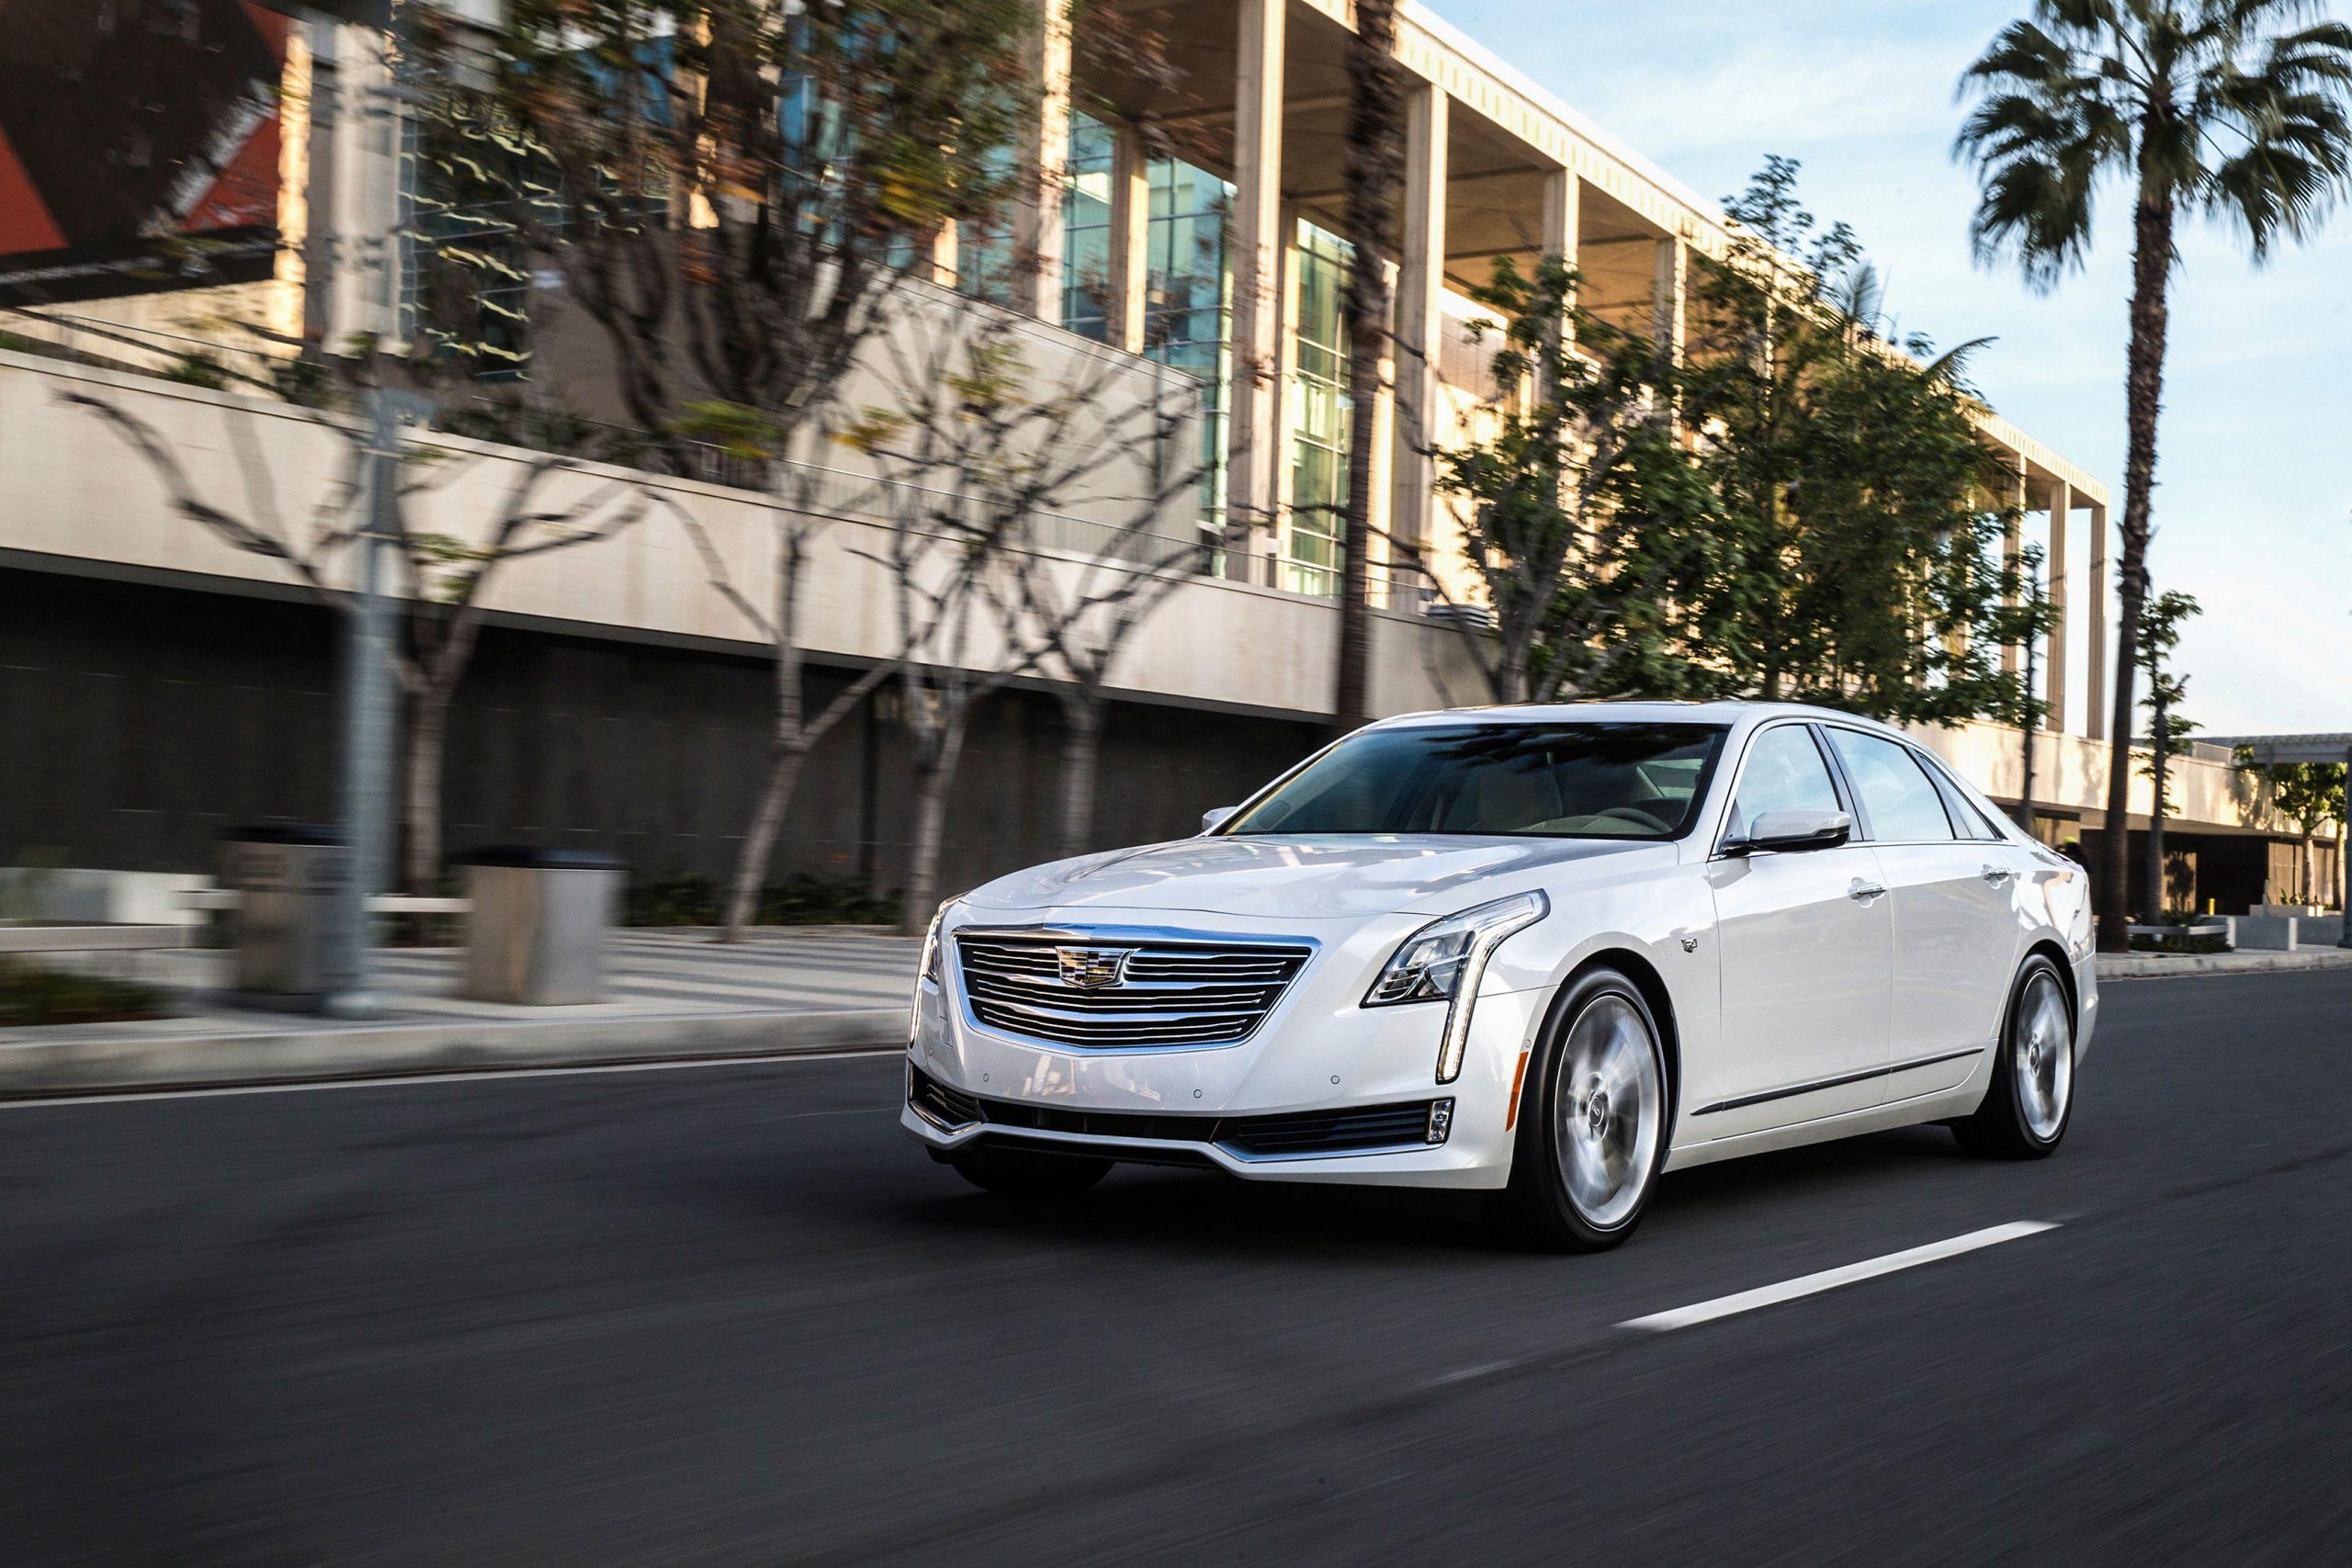 Radlager für den neuen Cadillac CT6